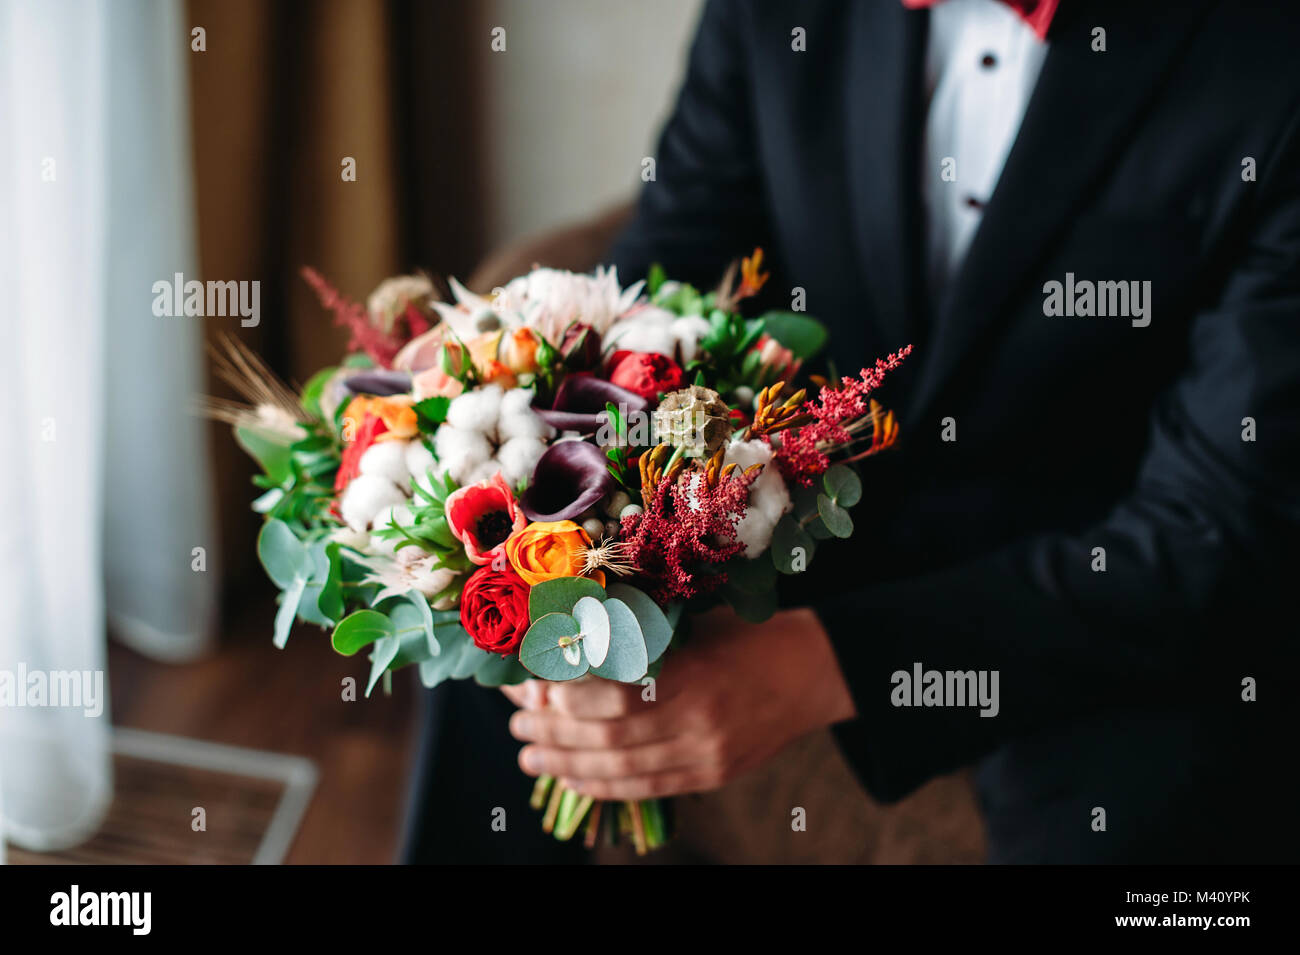 Brautigam Holding Hochzeit Bouqet In Seinen Handen Blumenstrauss In